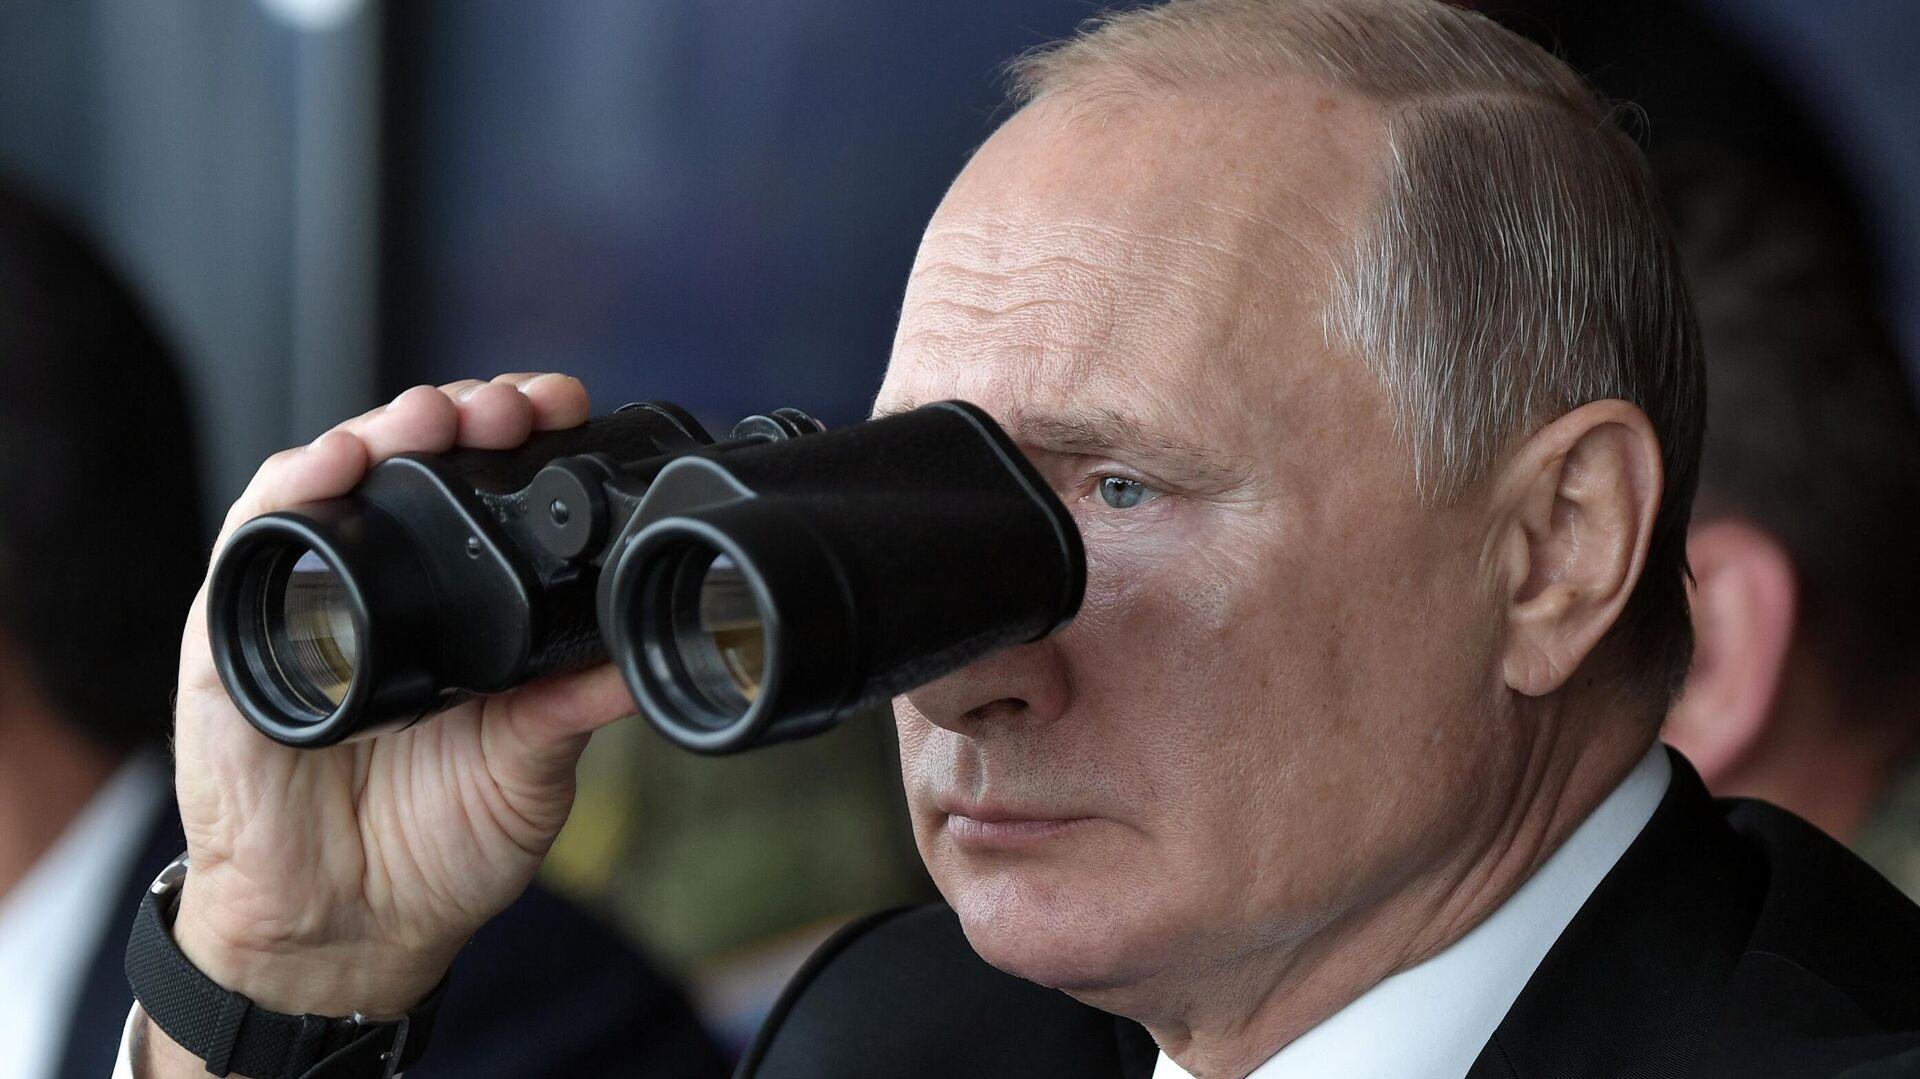 Президент РФ Владимир Путин наблюдает за проведением основного этапа стратегического командно-штабного учения Центр-2019 на полигоне Донгуз - РИА Новости, 1920, 12.09.2021